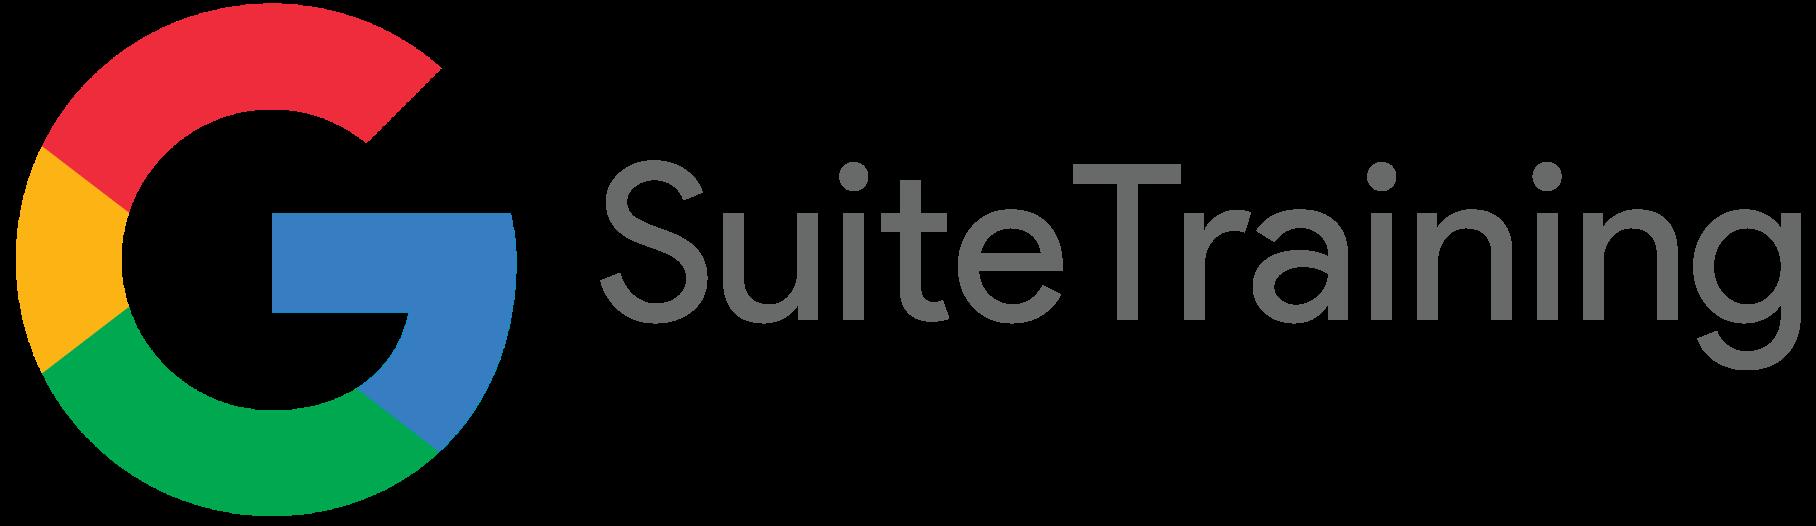 G Suite Training